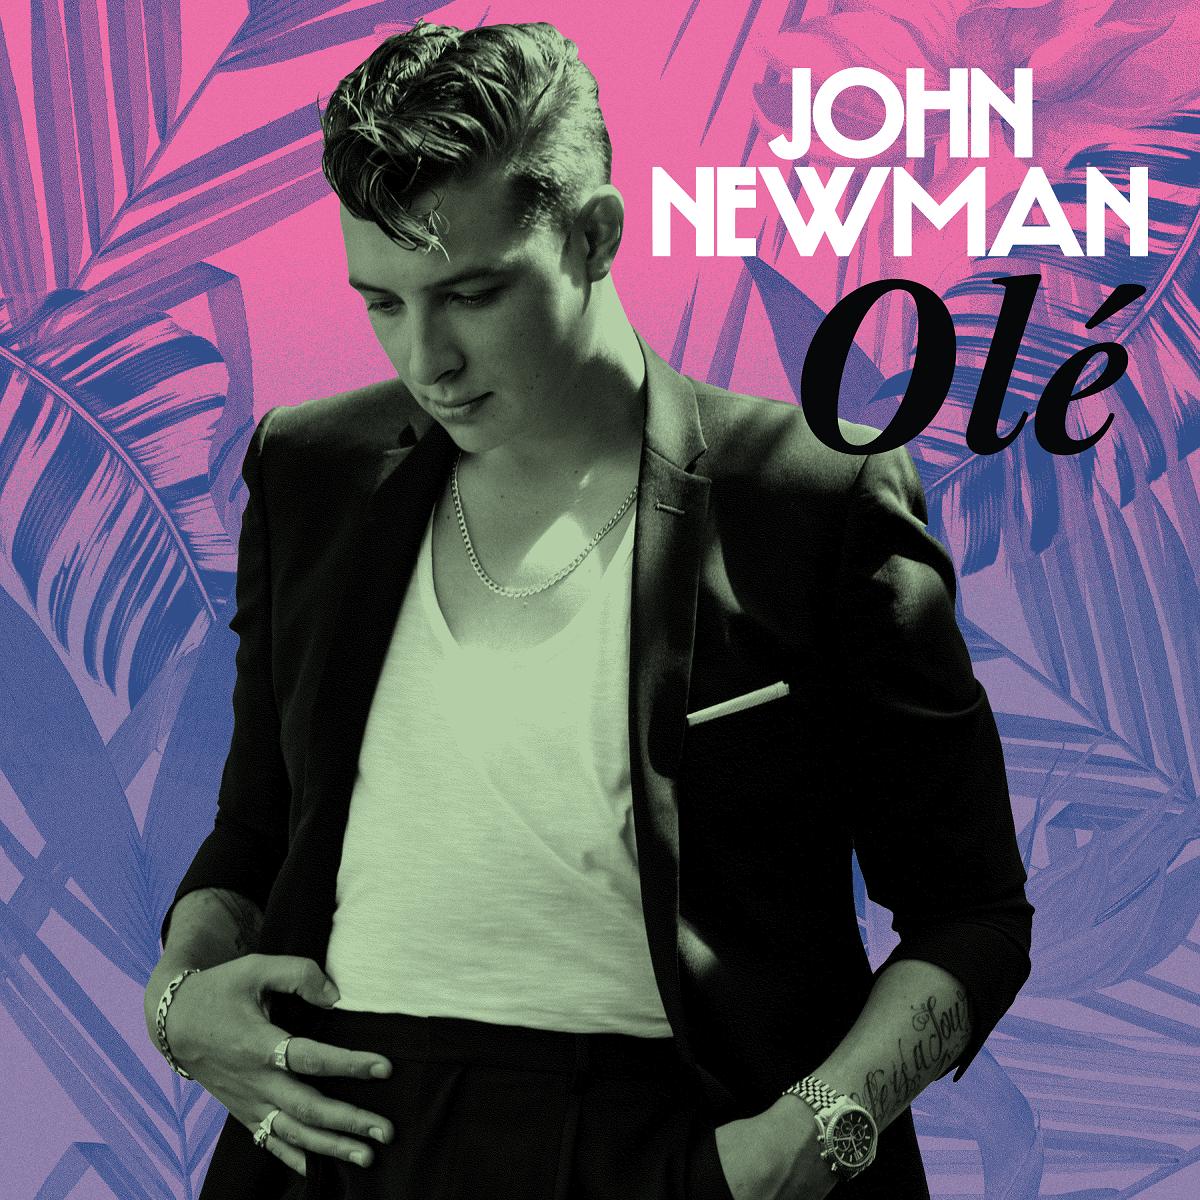 John Newman releases new single 'Olé'